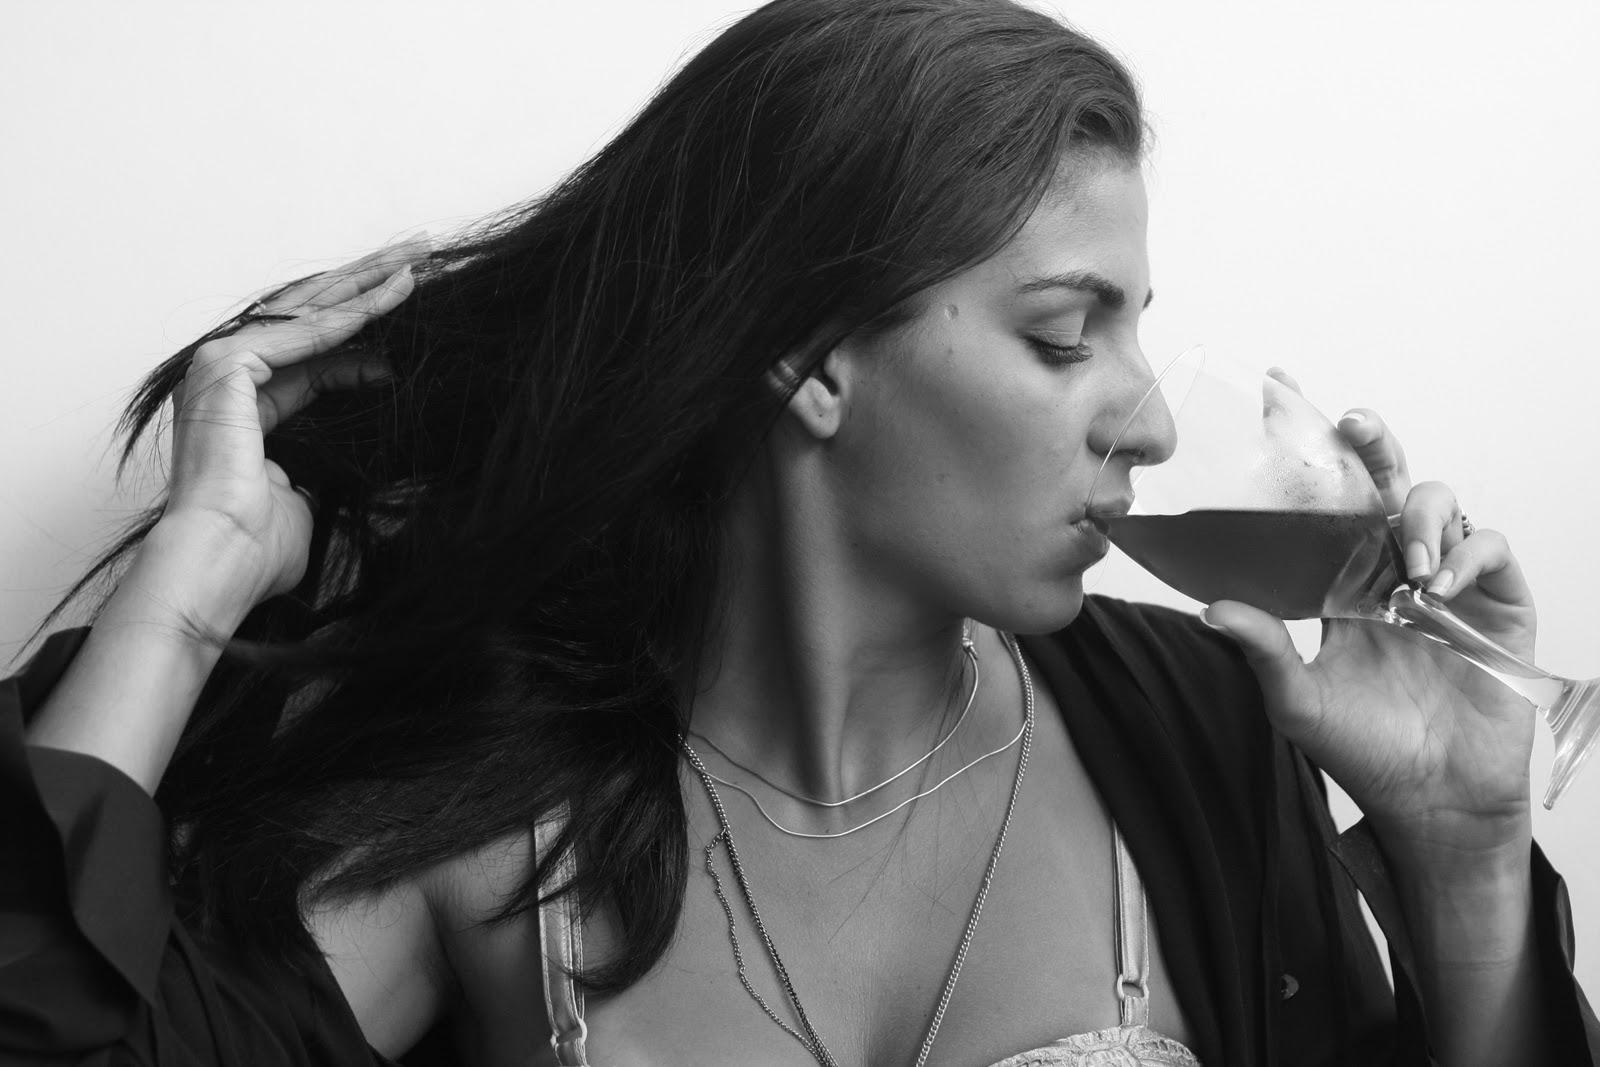 Maritza Mendes Maritza-Mendes Watch Porn MARITZA MENDES Watch free porn ...